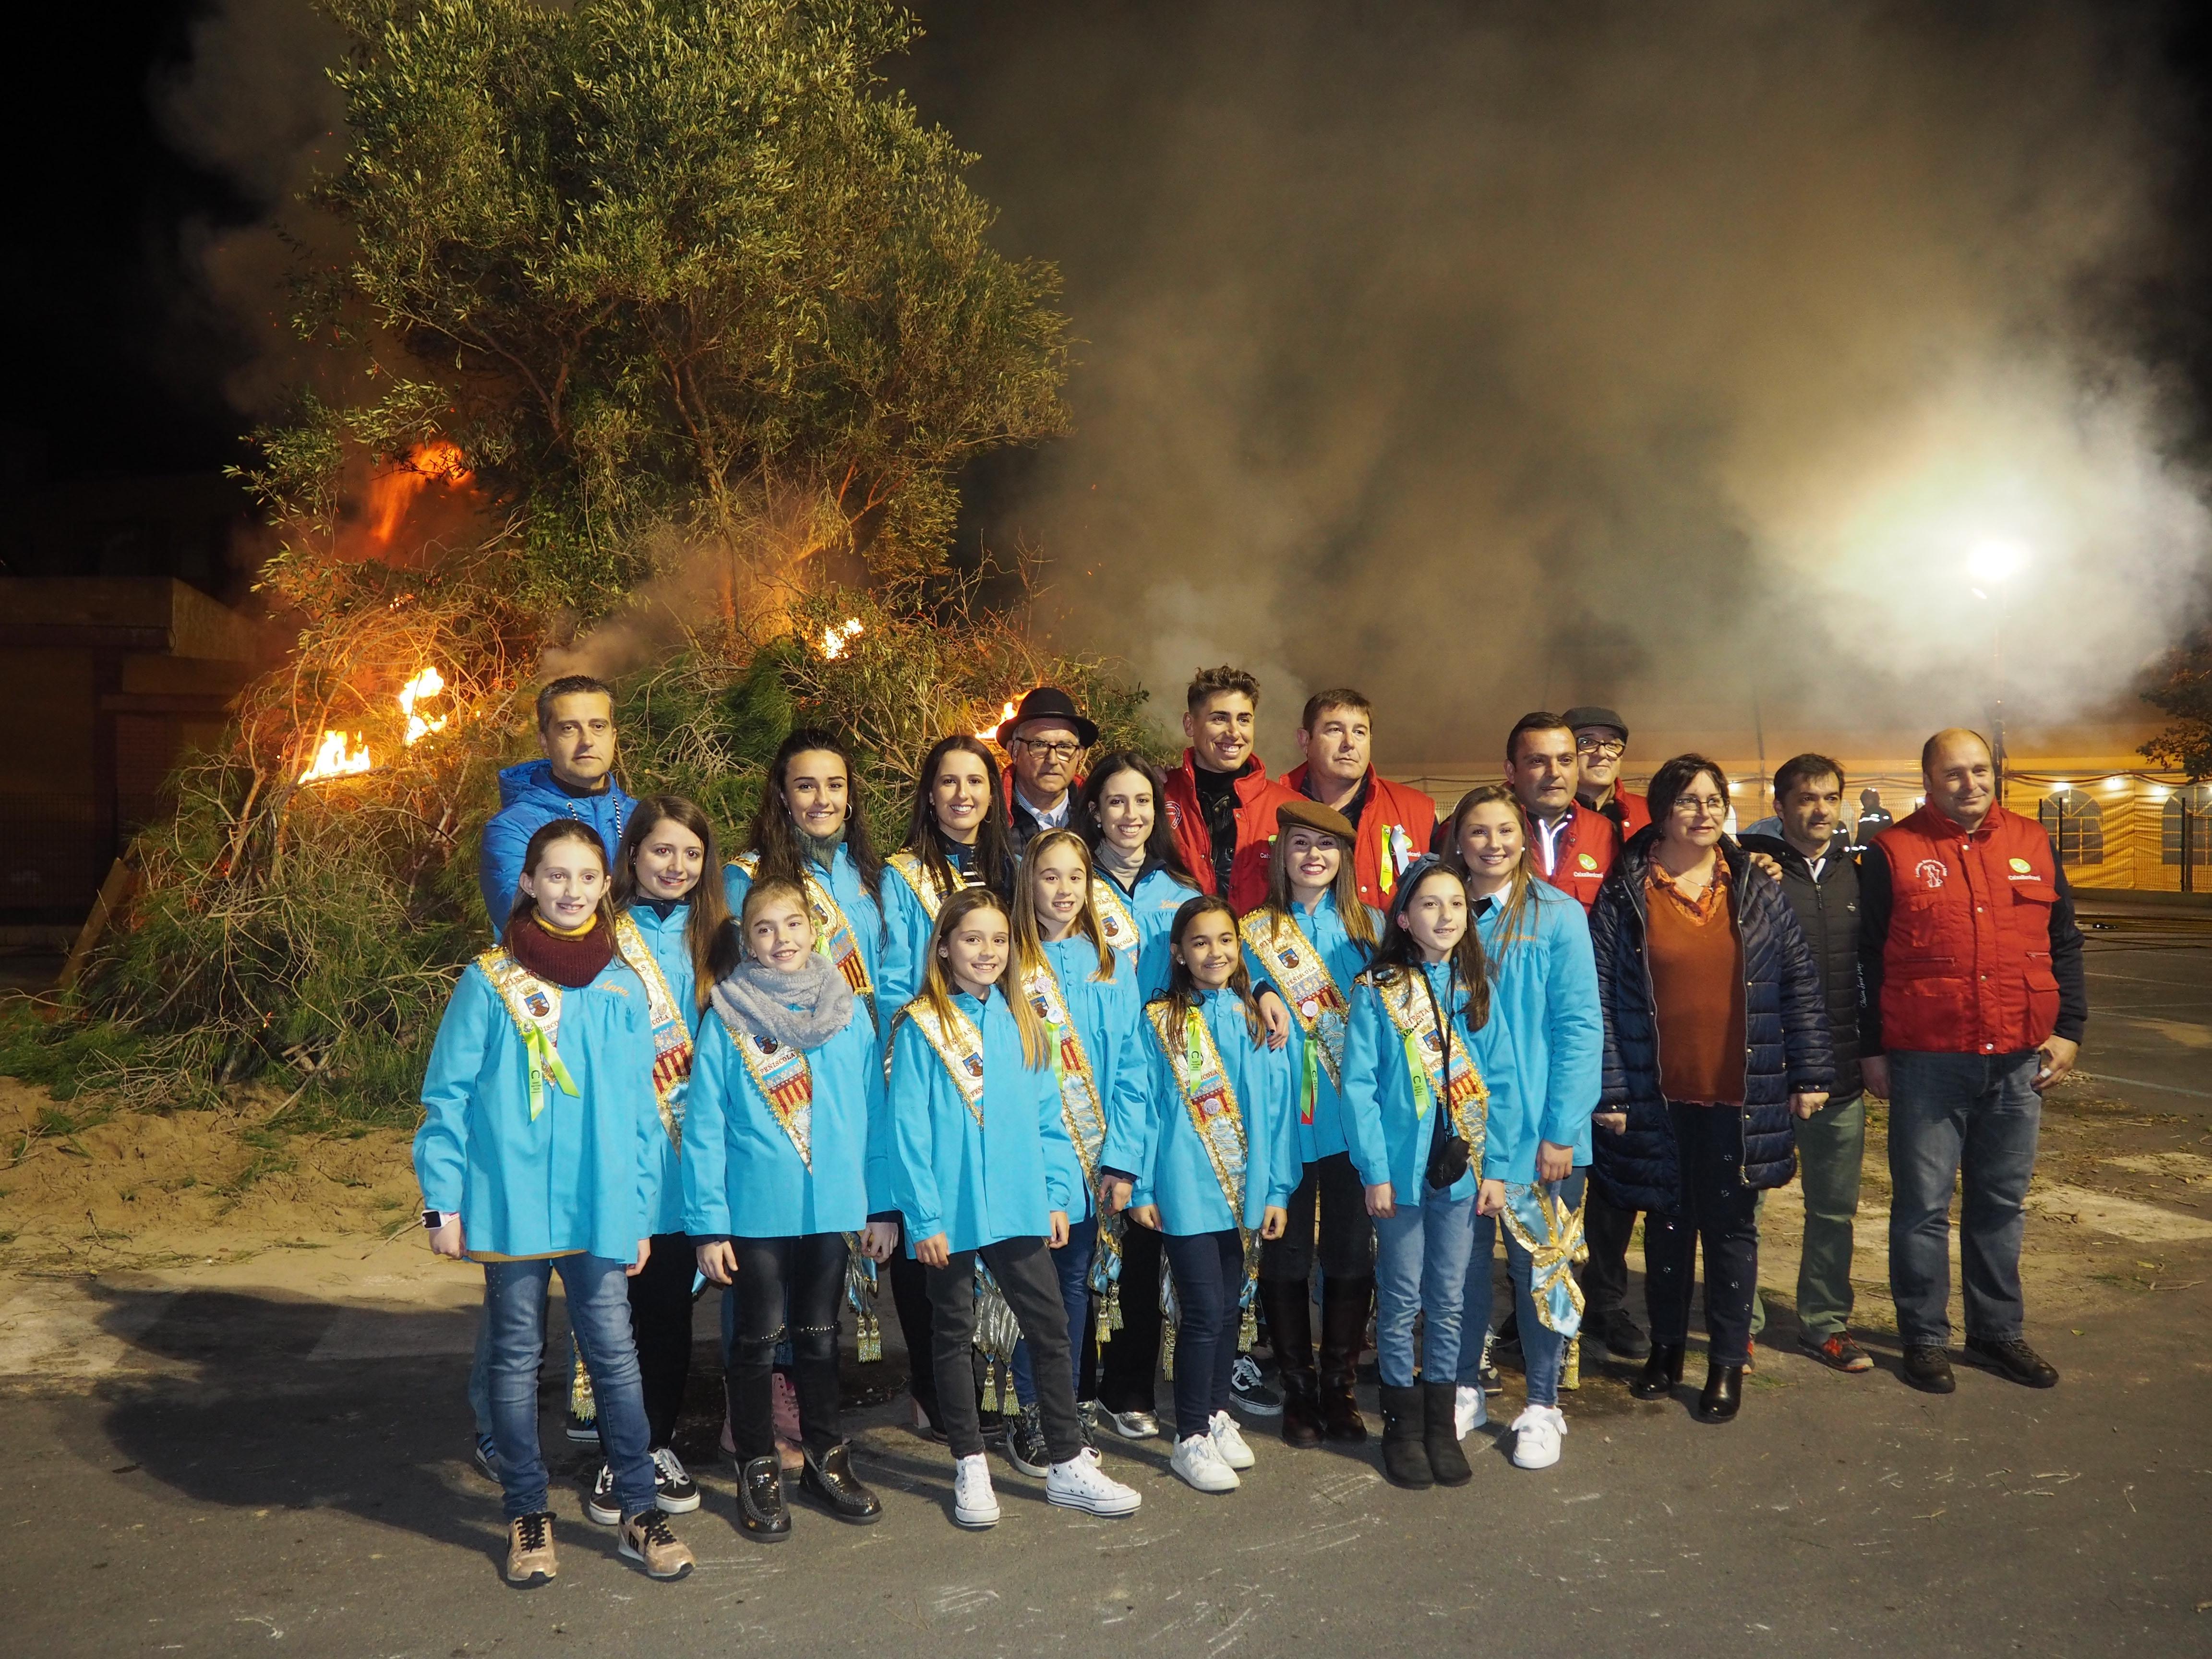 Peníscola celebra el Dia de la Foguera dins de la programació de Sant Antoni Abat